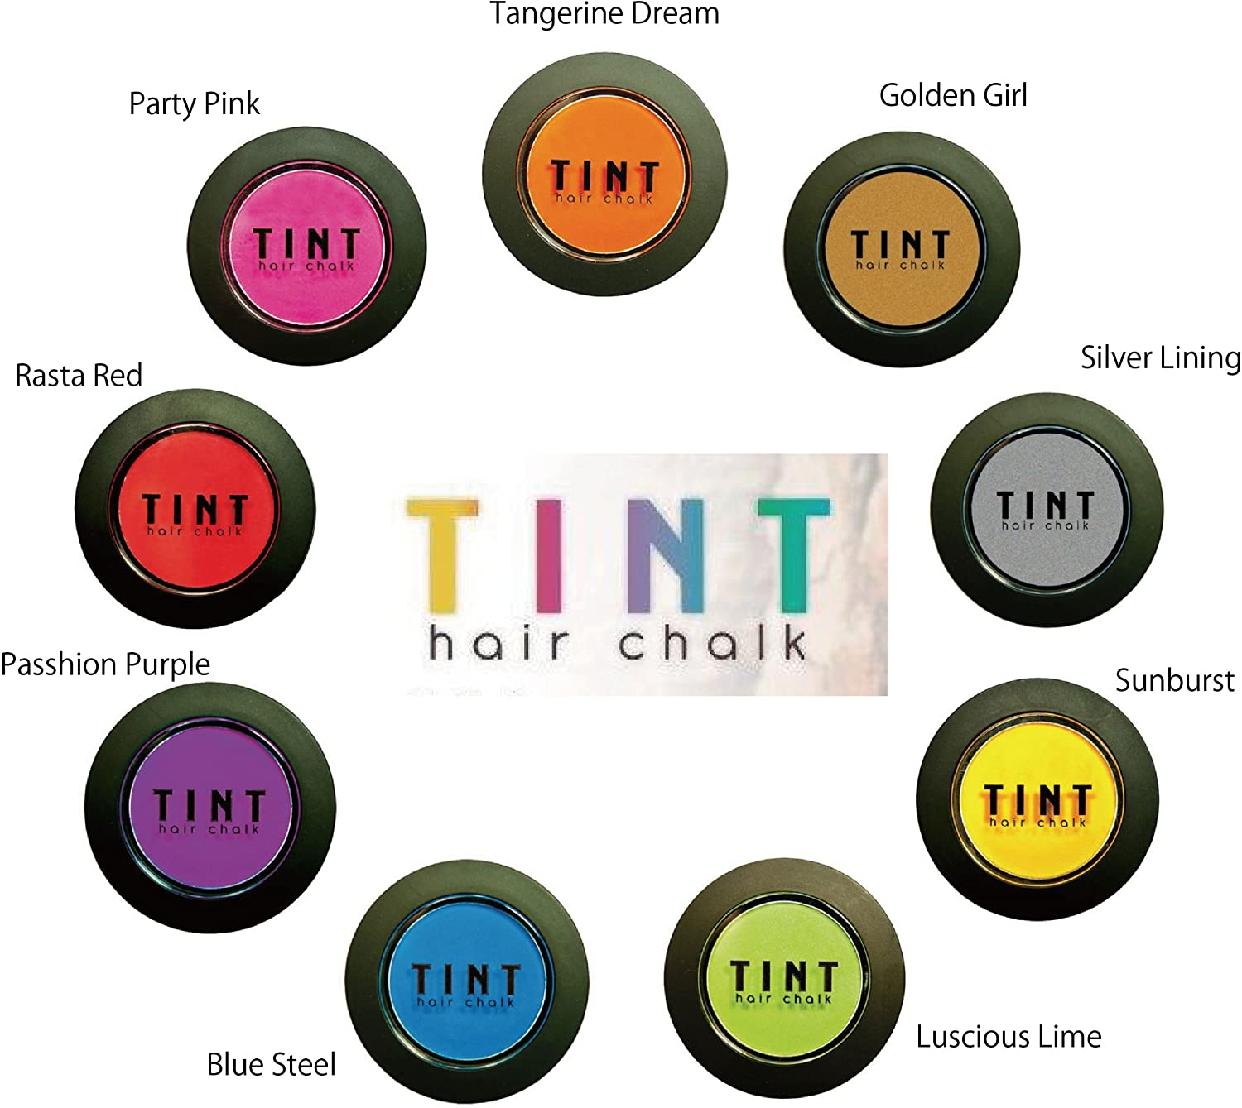 FINE FEATHERHEADS(ファインファザーヘッド) TINTヘアーチョークの商品画像3